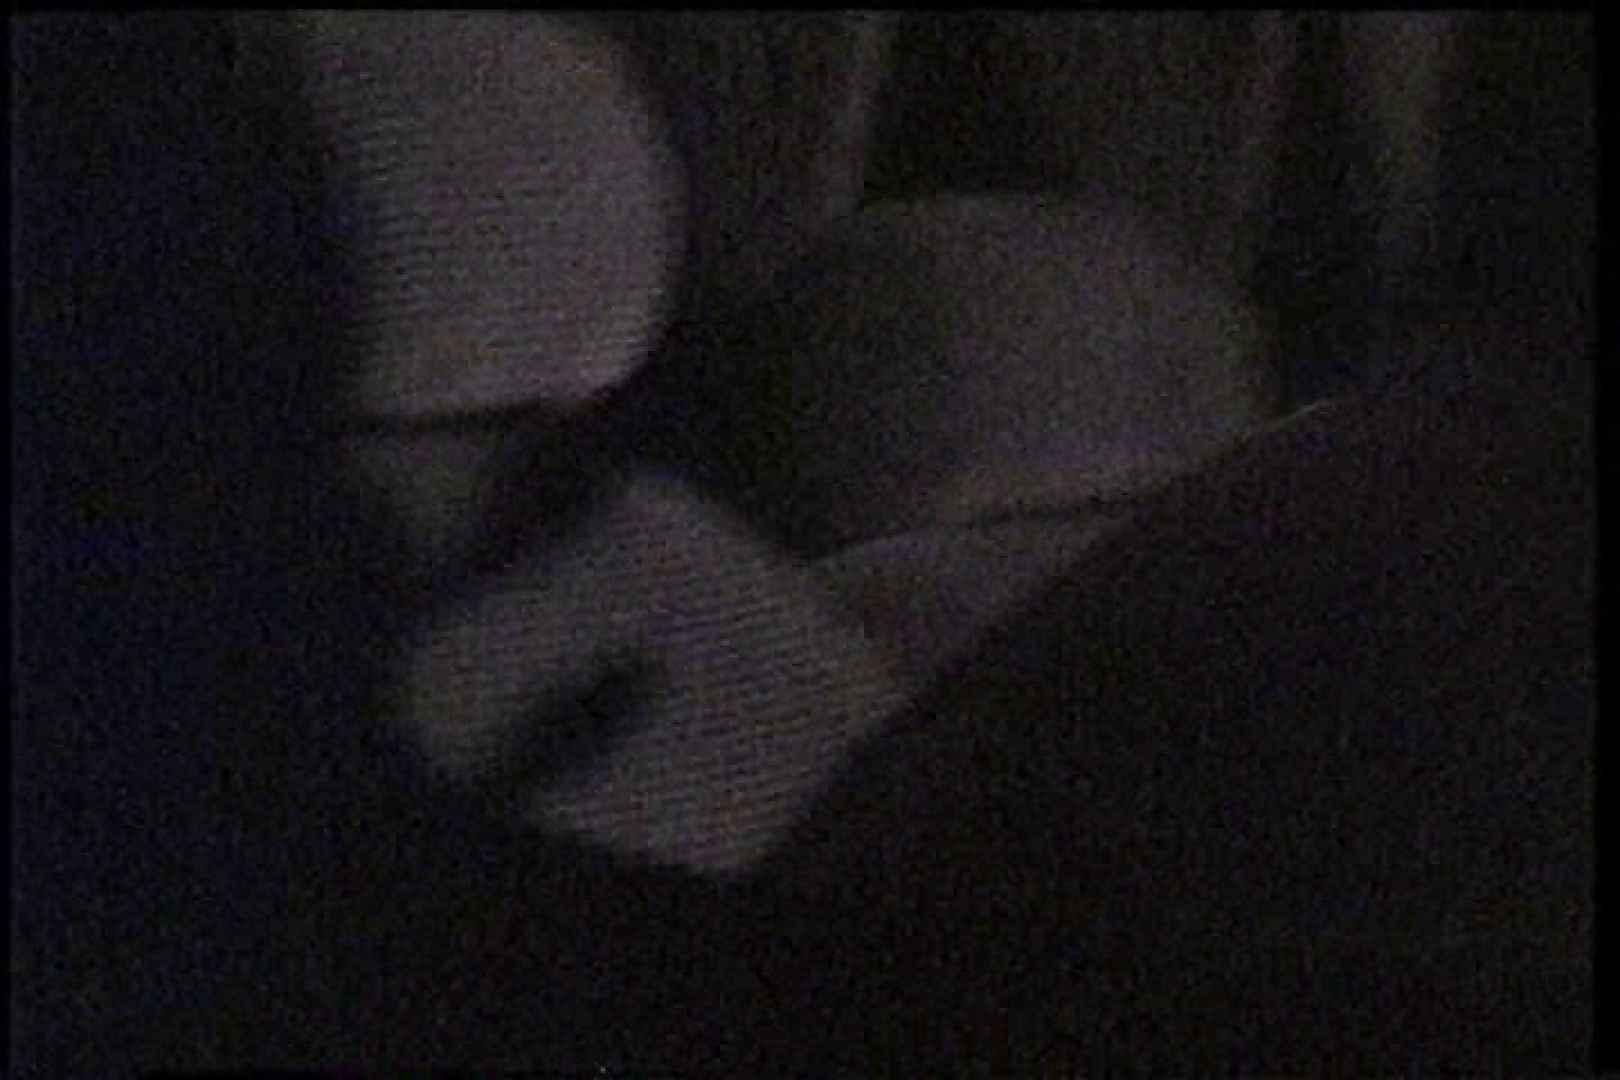 充血監督の深夜の運動会Vol.223 OLの実態 覗きスケベ動画紹介 76pic 20